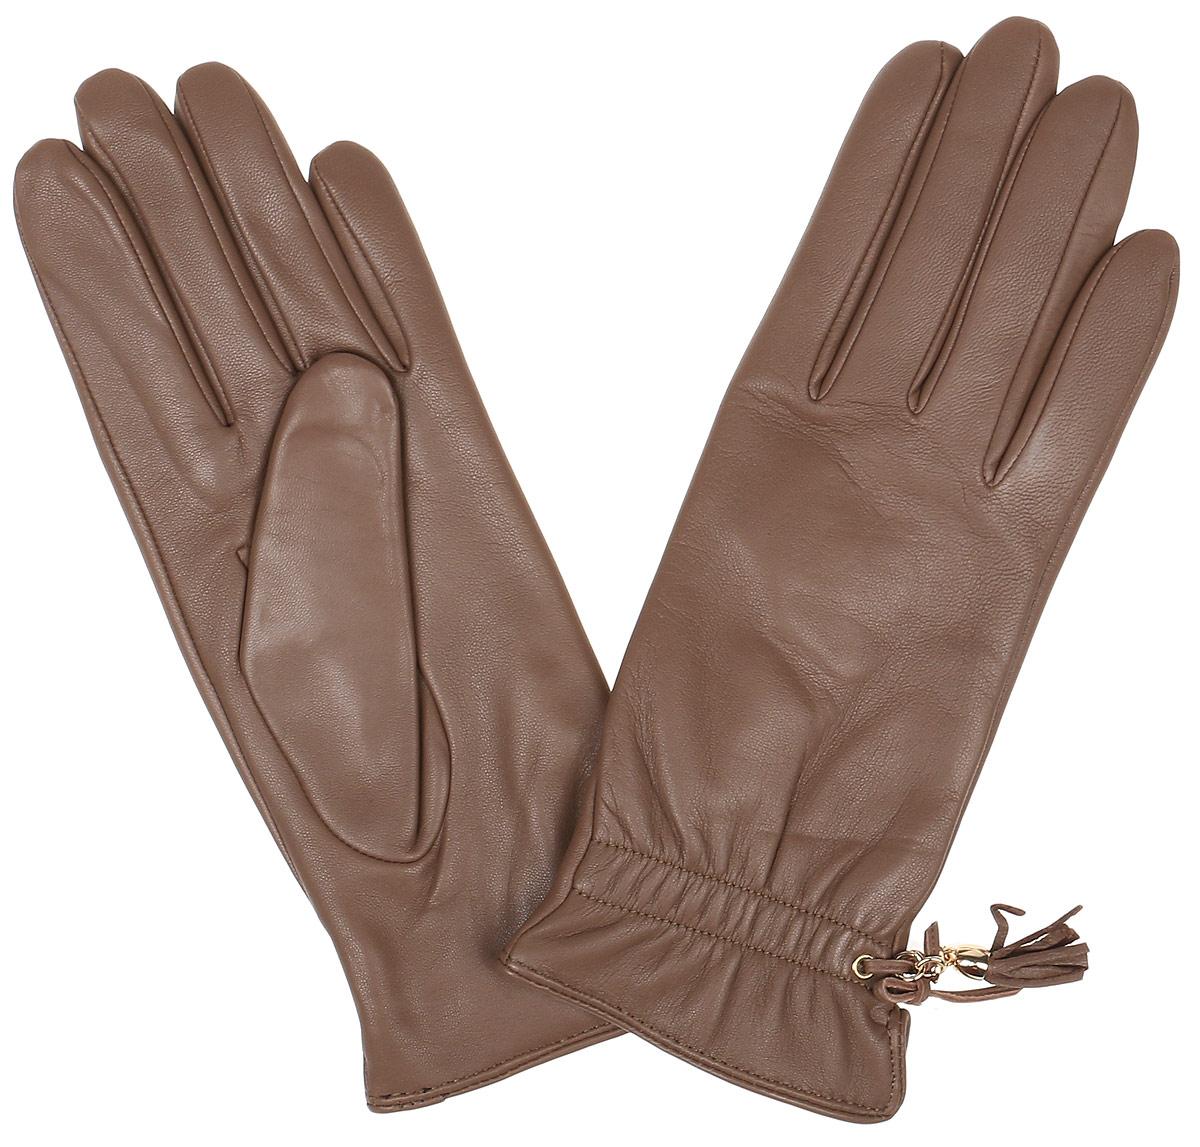 12.37-1 blackЭлегантные женские перчатки Fabretti станут великолепным дополнением вашего образа и защитят ваши руки от холода и ветра во время прогулок. Перчатки выполнены из натуральной кожи ягненка, подкладка - из шерсти и кашемира. Модель декорирована оригинальным бантиком и кожаной кисточкой. Такие перчатки будут оригинальным завершающим штрихом в создании современного модного образа, они подчеркнут ваш изысканный вкус и станут незаменимым и практичным аксессуаром.